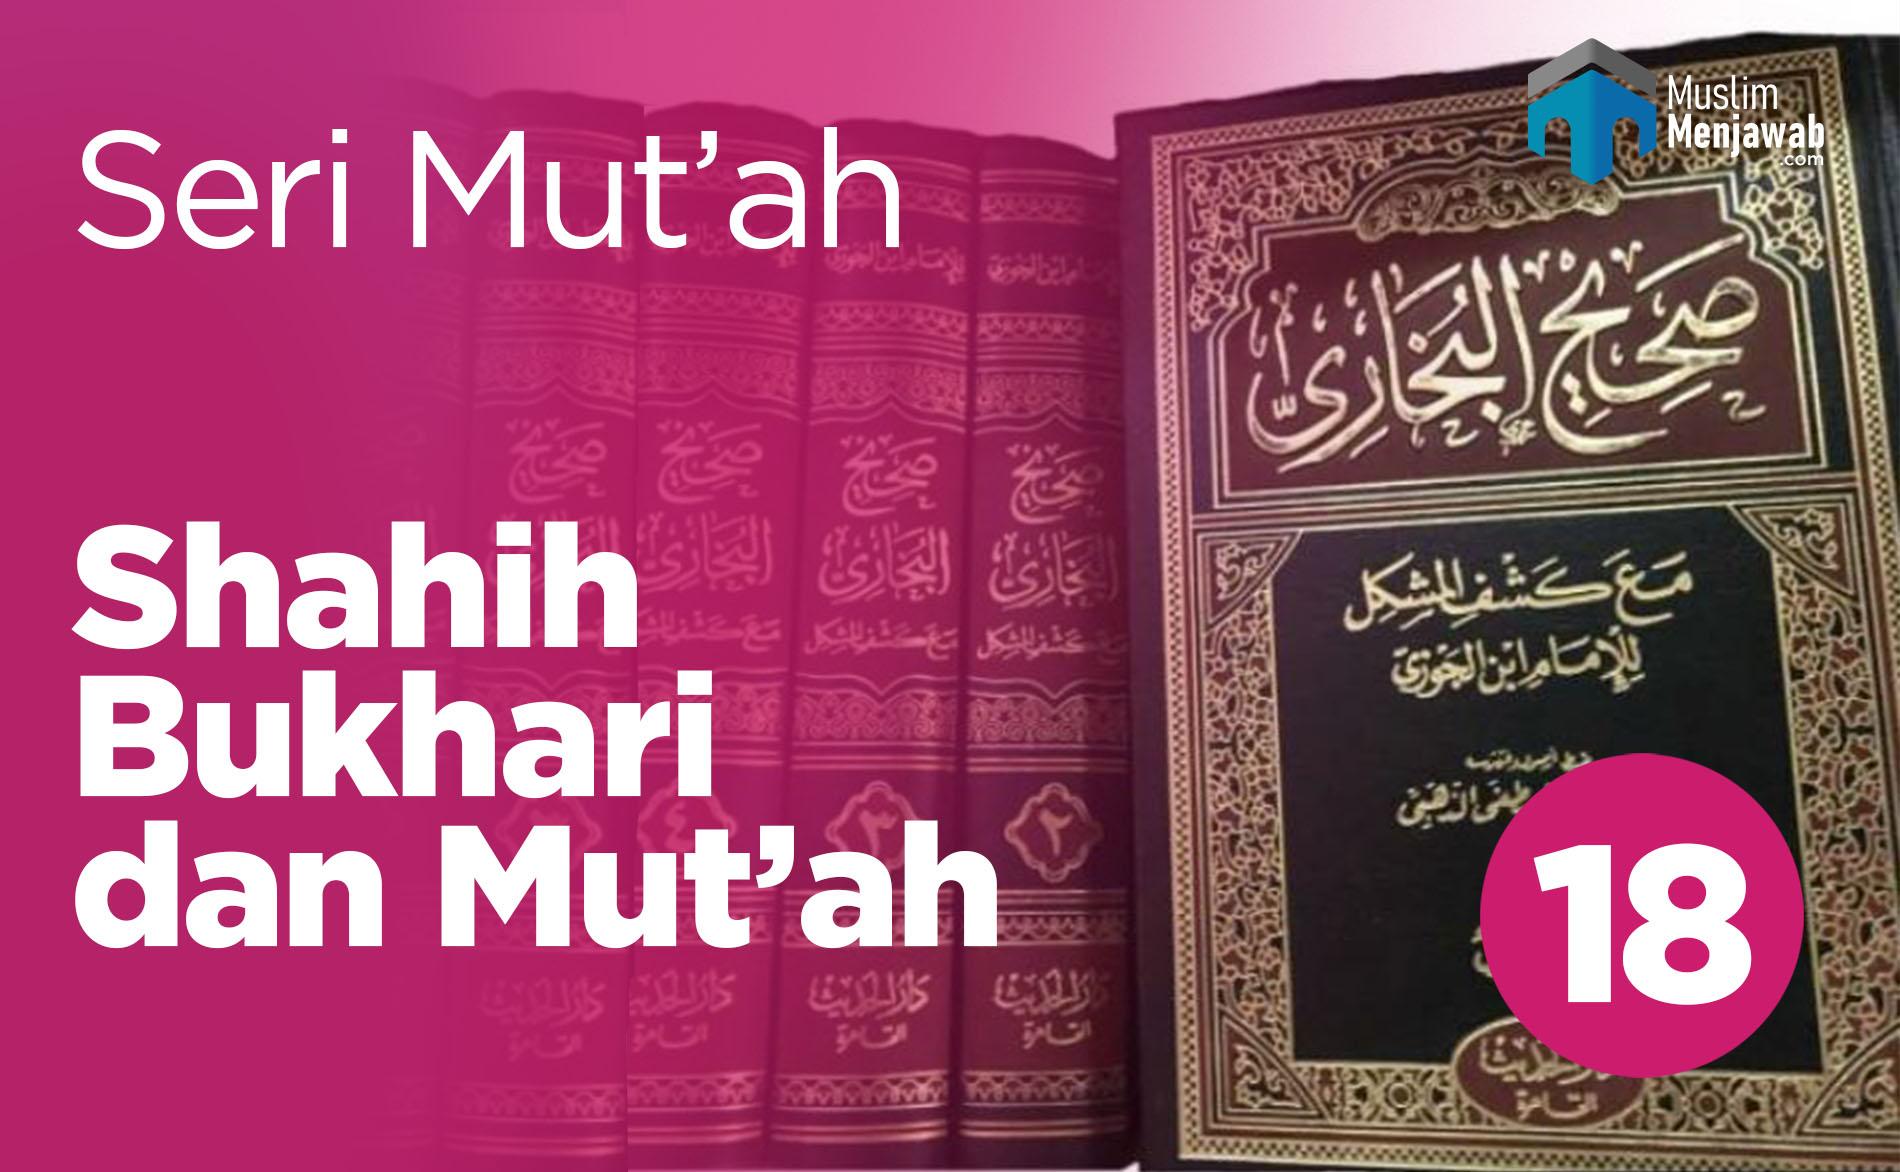 Shahih Bukhari dan Mut'ah